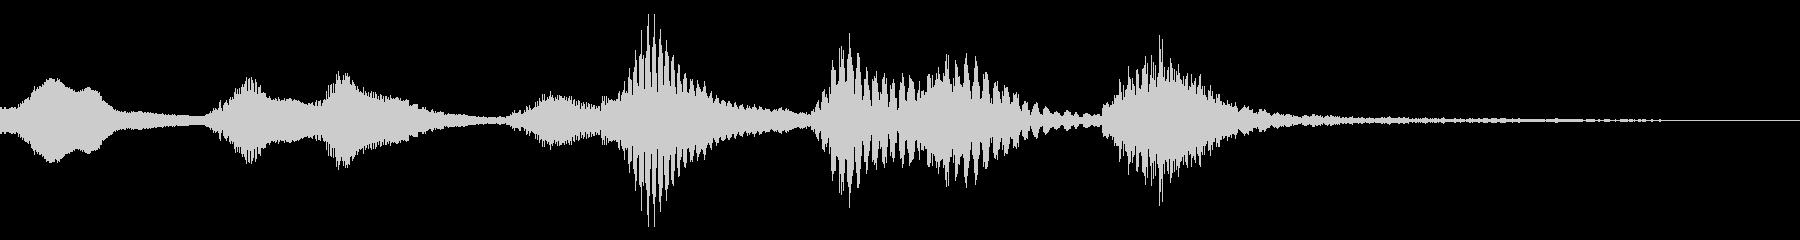 バイオリンとトライアングルのジングルの未再生の波形